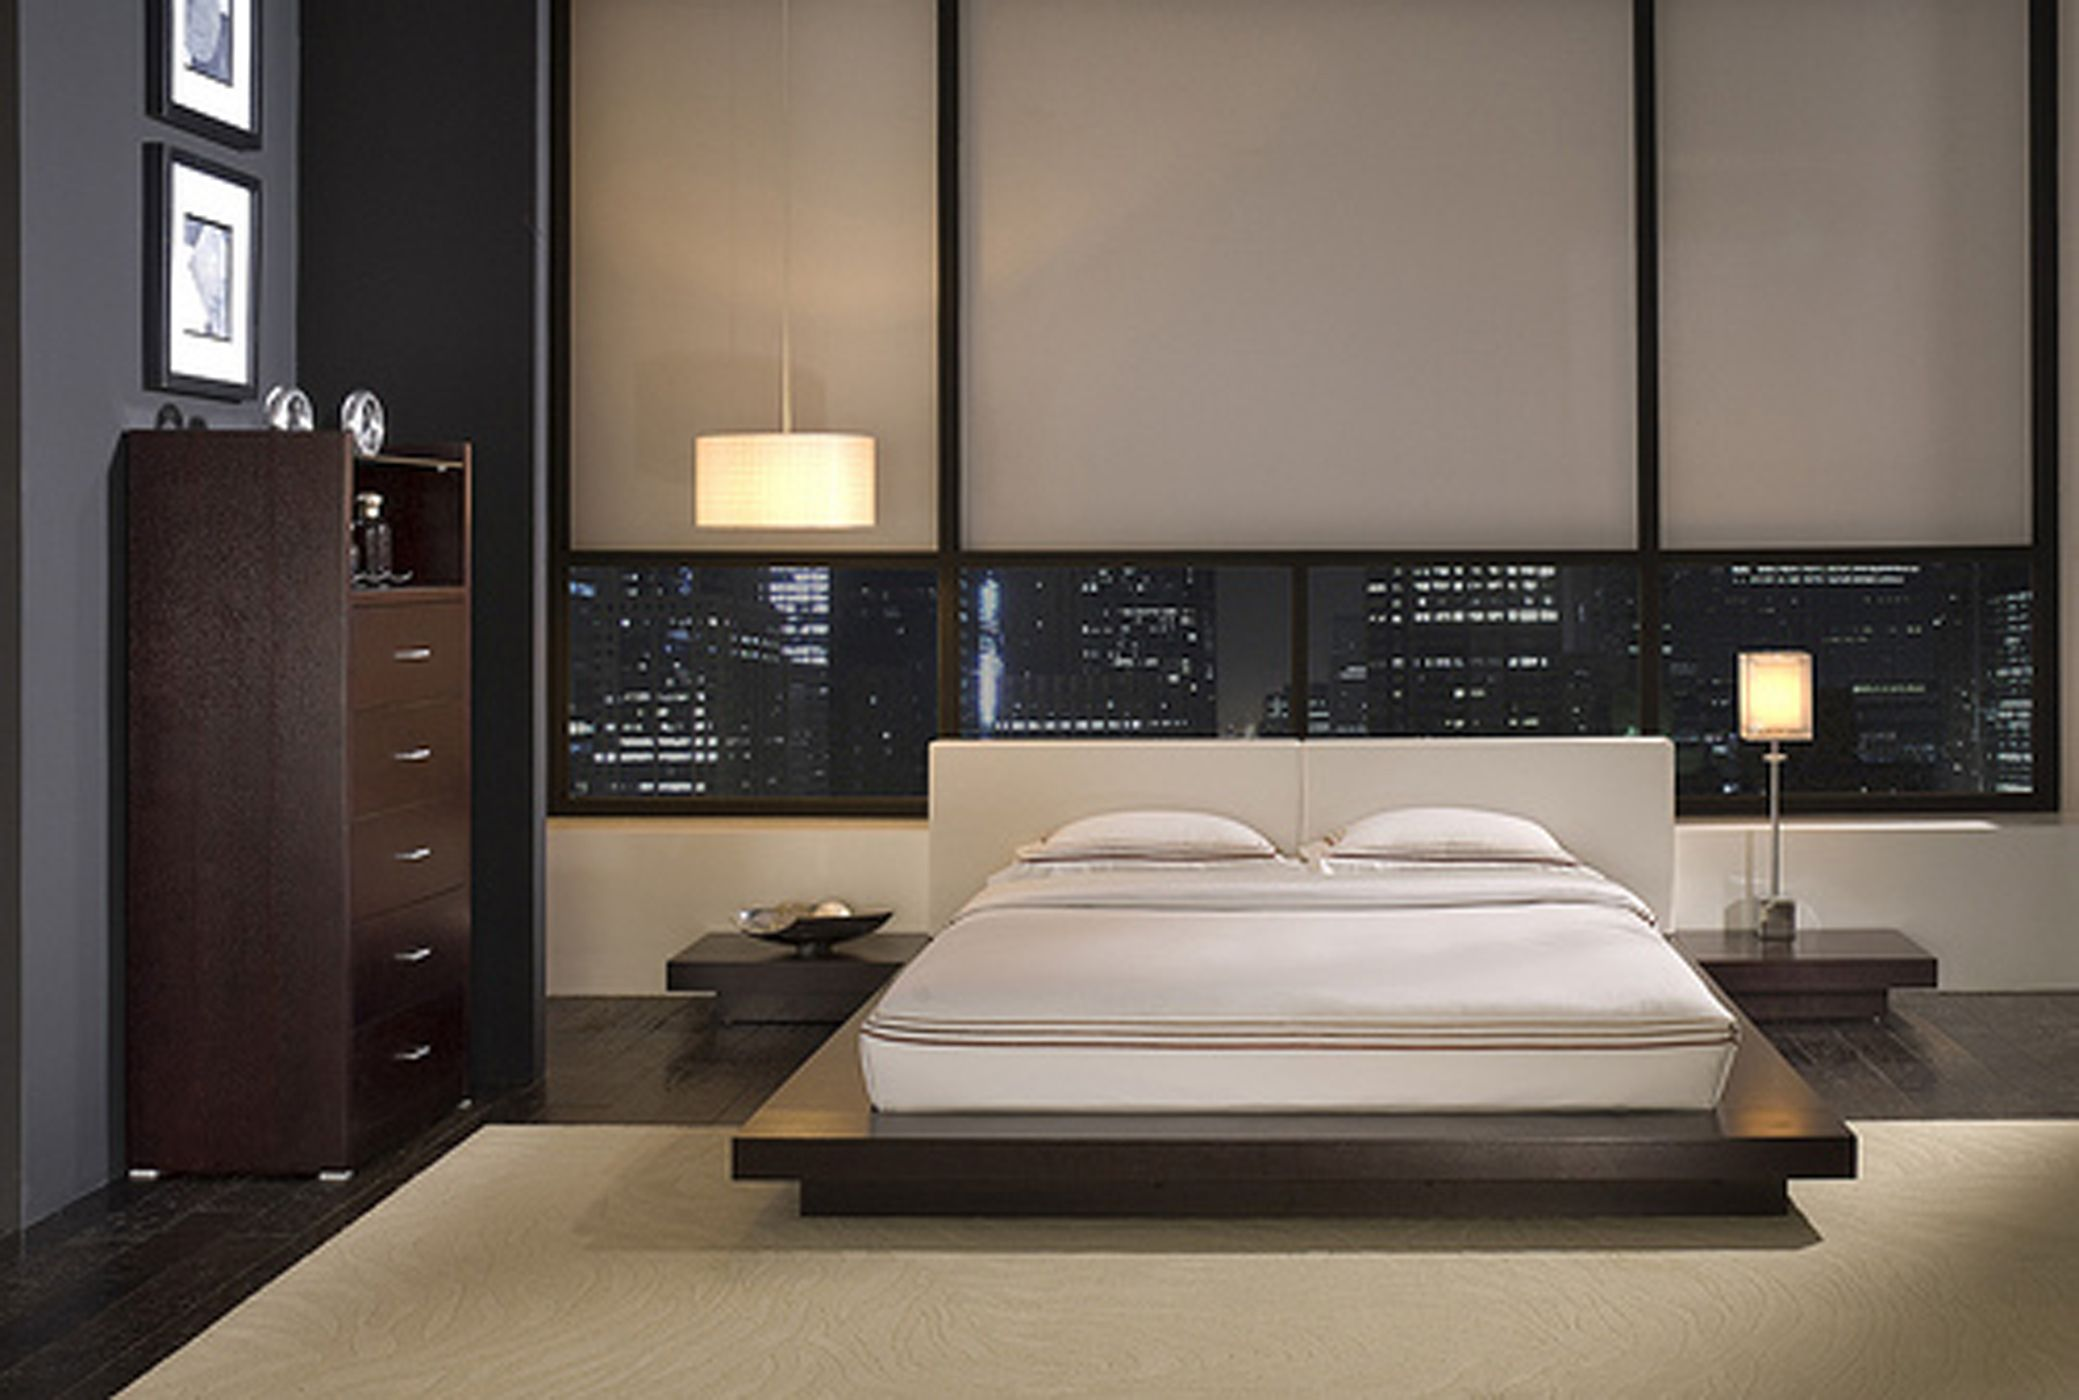 17 best images about bedroom design on pinterest | modern interior